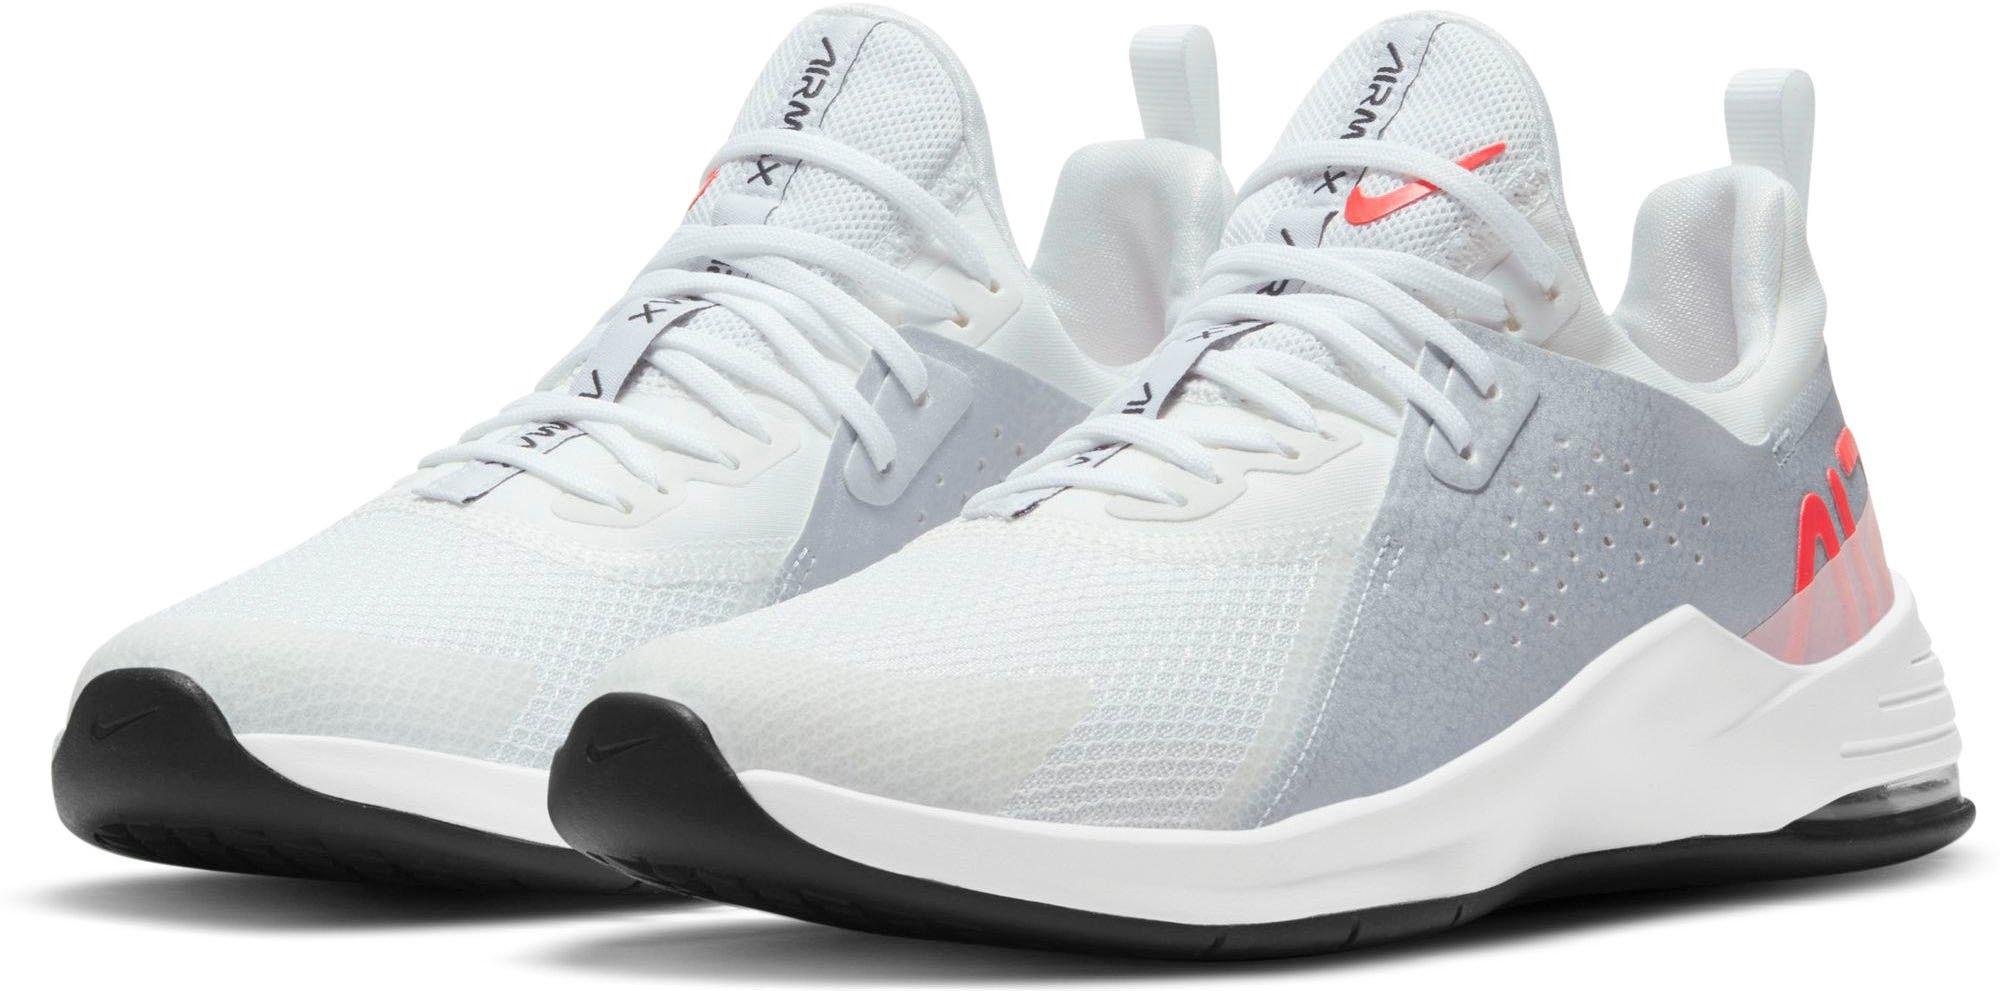 Nike fitnessschoenen Air Max Bella Tr 3 nu online bestellen